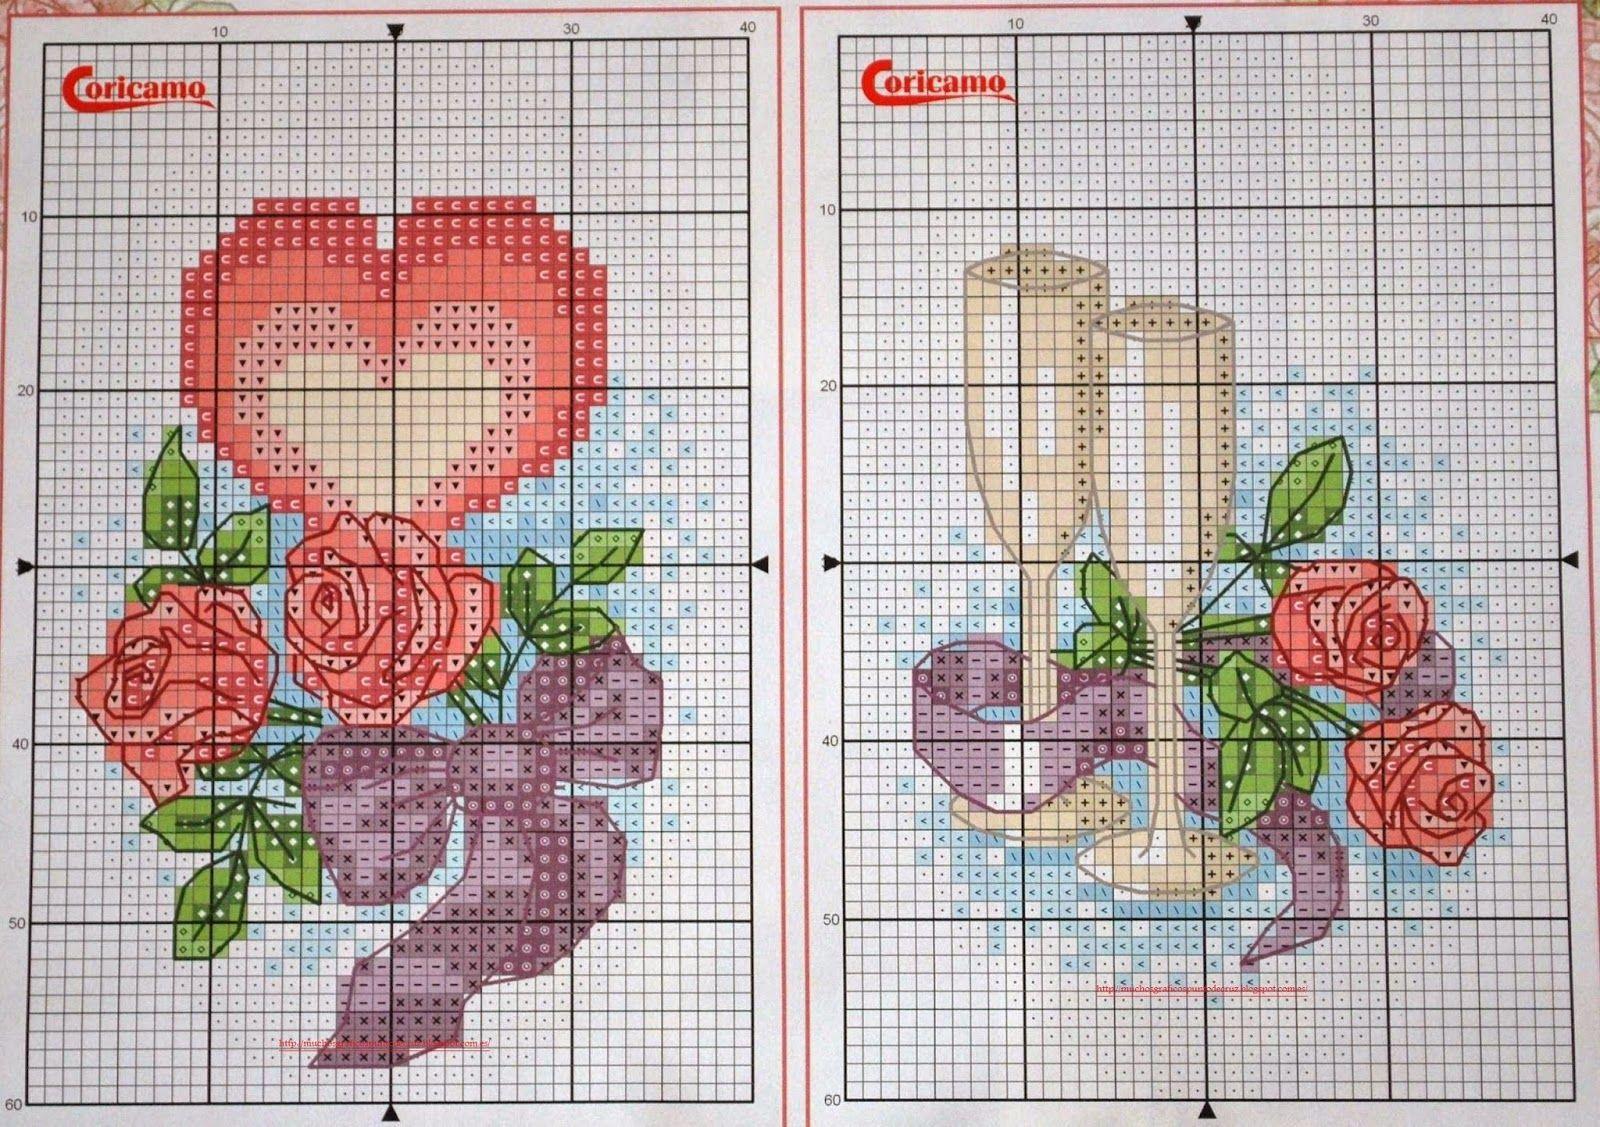 лакомство готовят схемы вышивок для открыток к свадьбе семян лебеды, отличалась